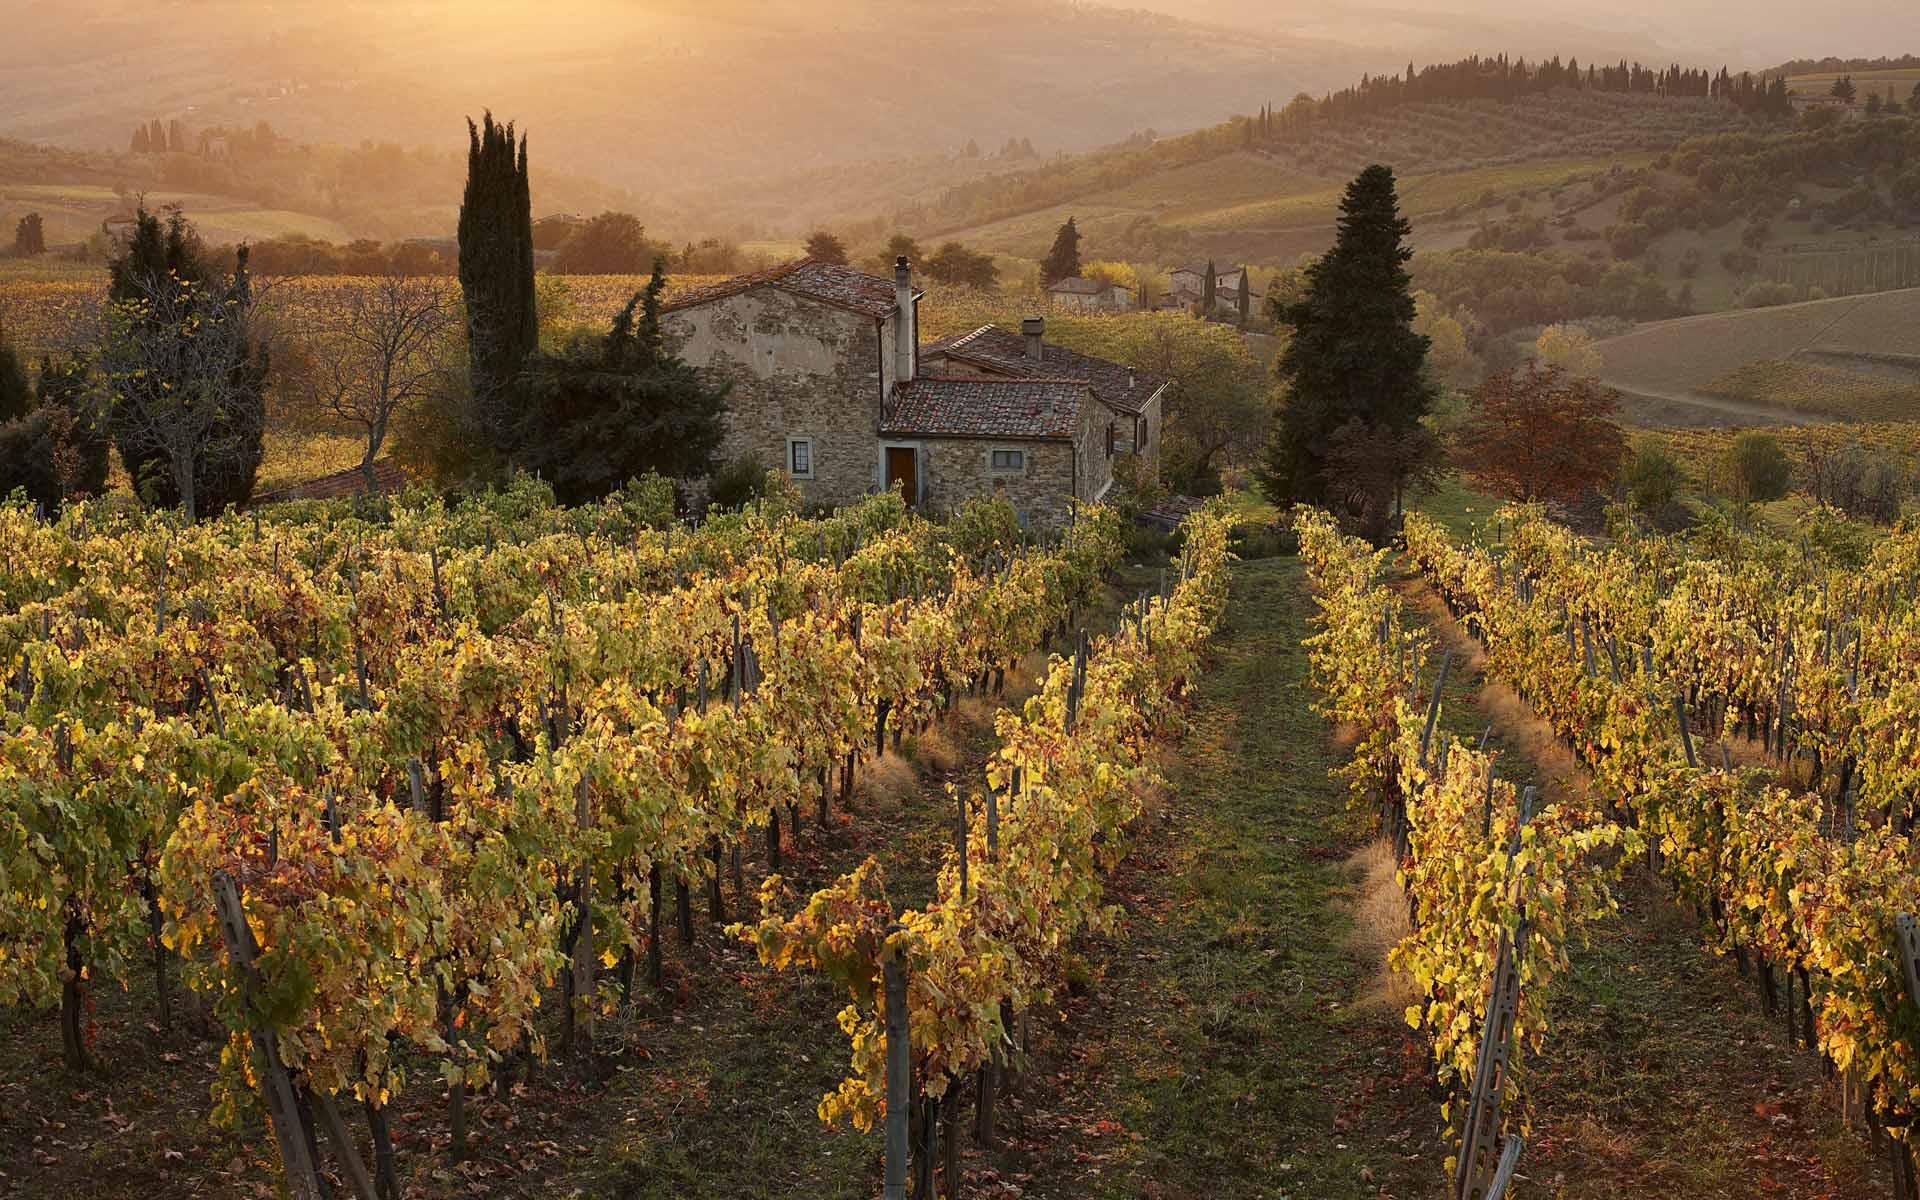 Viñedos en la Toscana